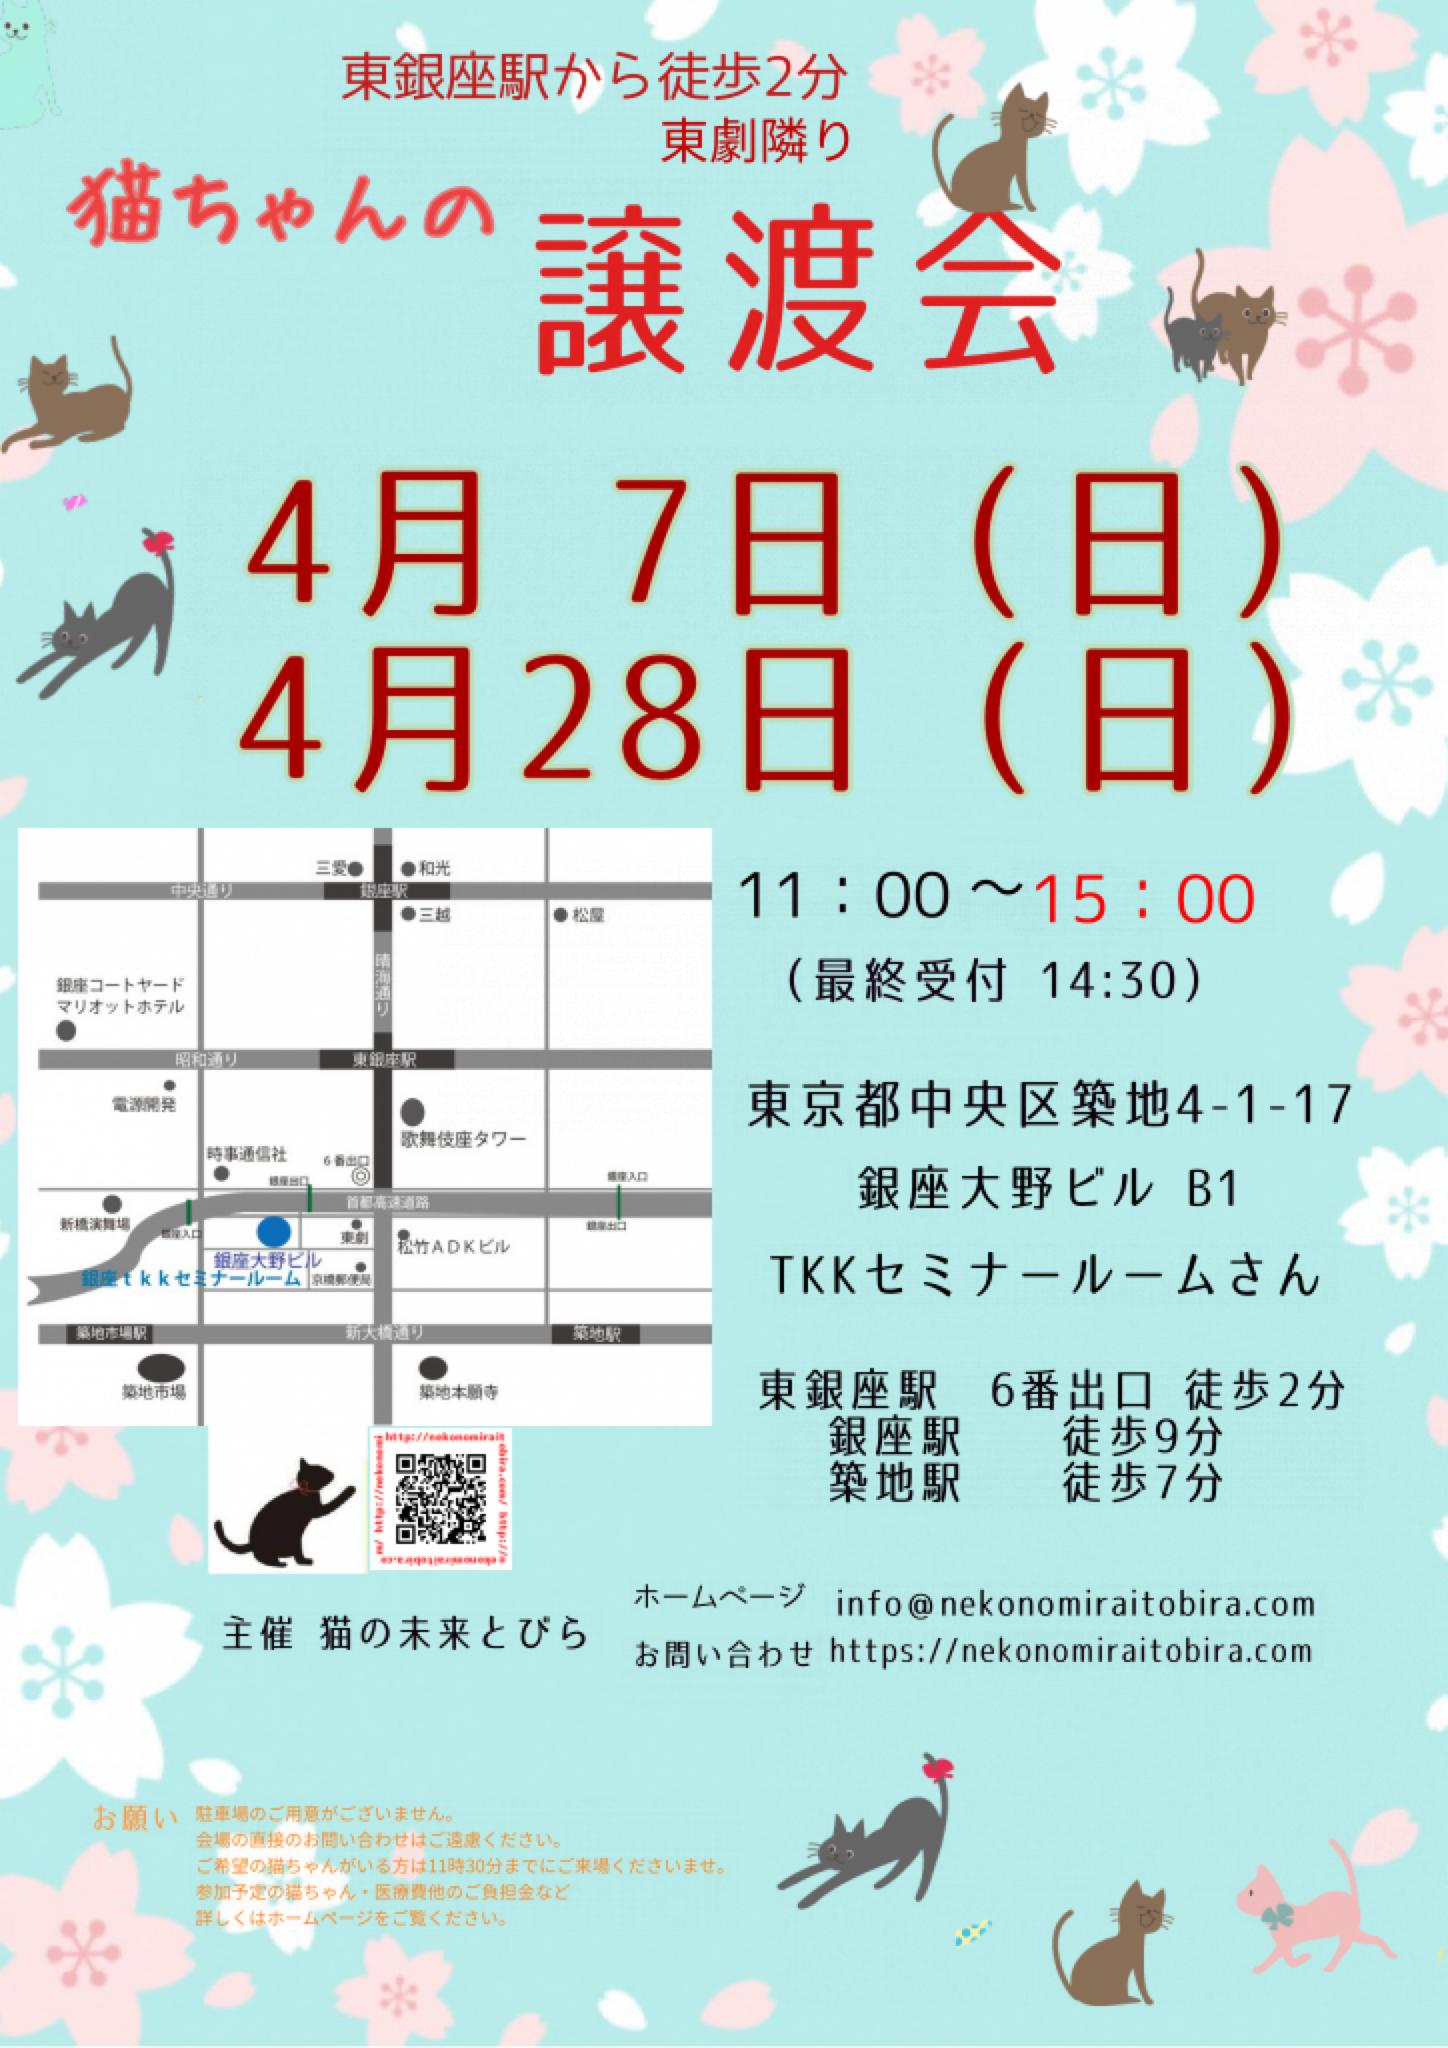 【 第32回】 <br>東京東銀座にて ねこの譲渡会開催